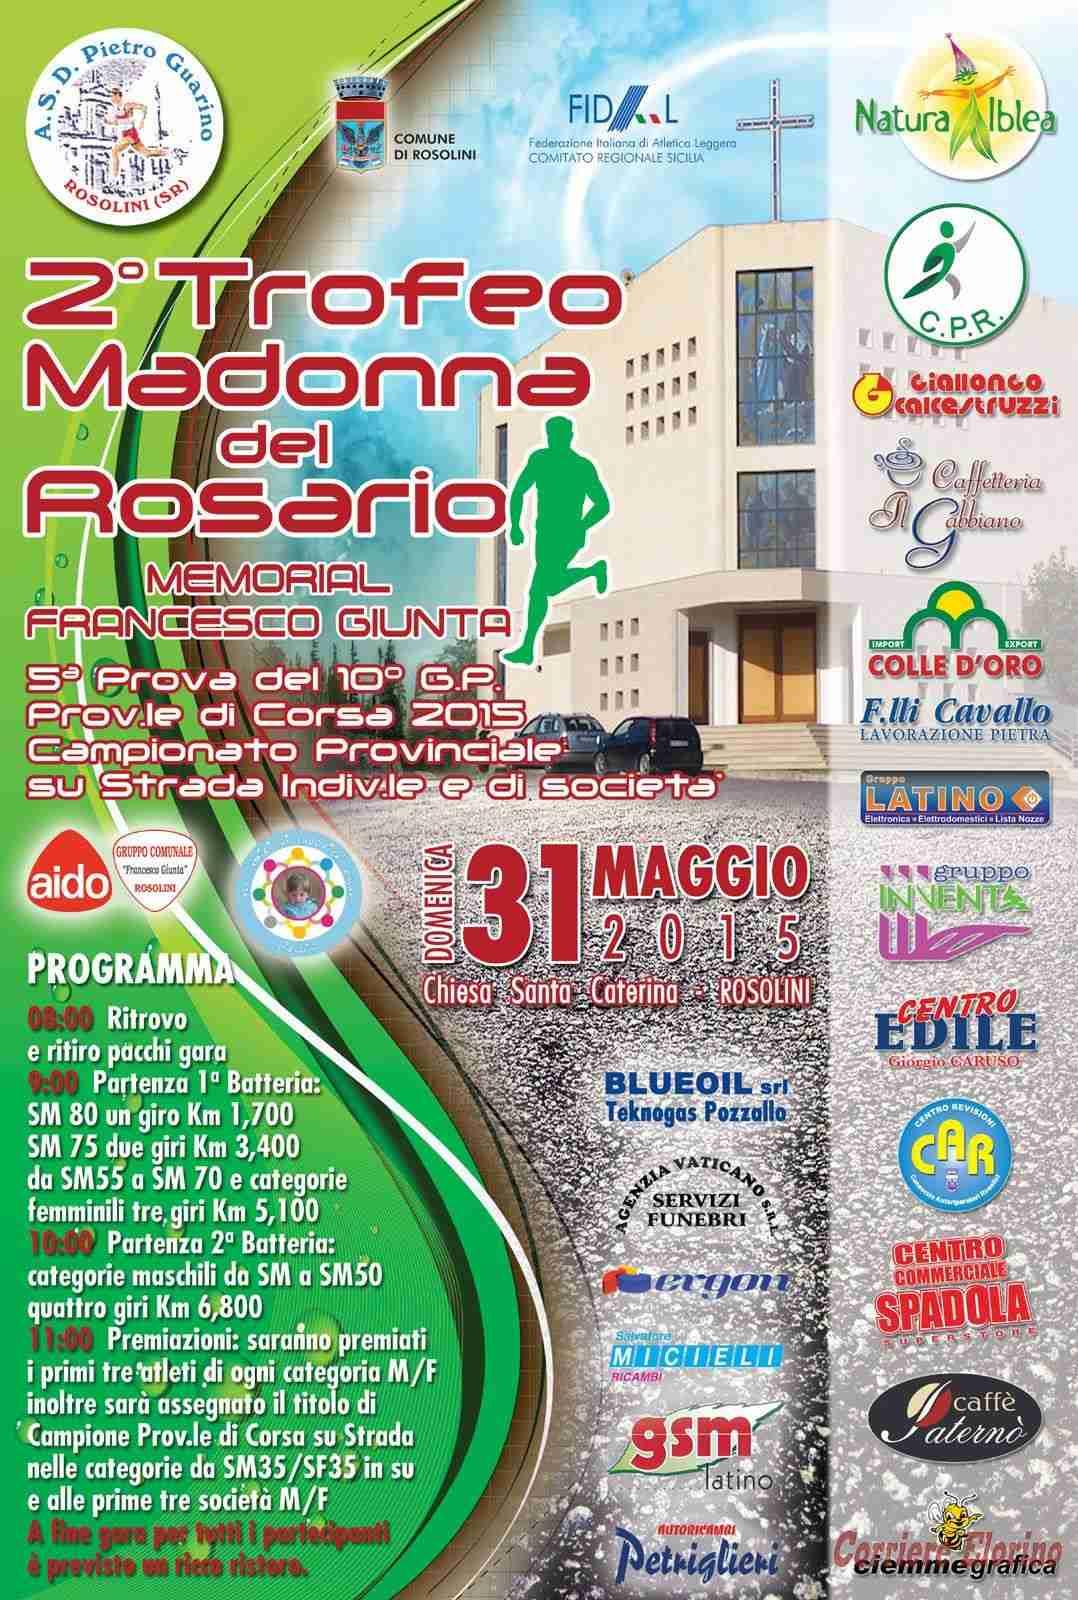 Domenica 31 maggio appuntamento col 2° Trofeo Madonna del Rosario